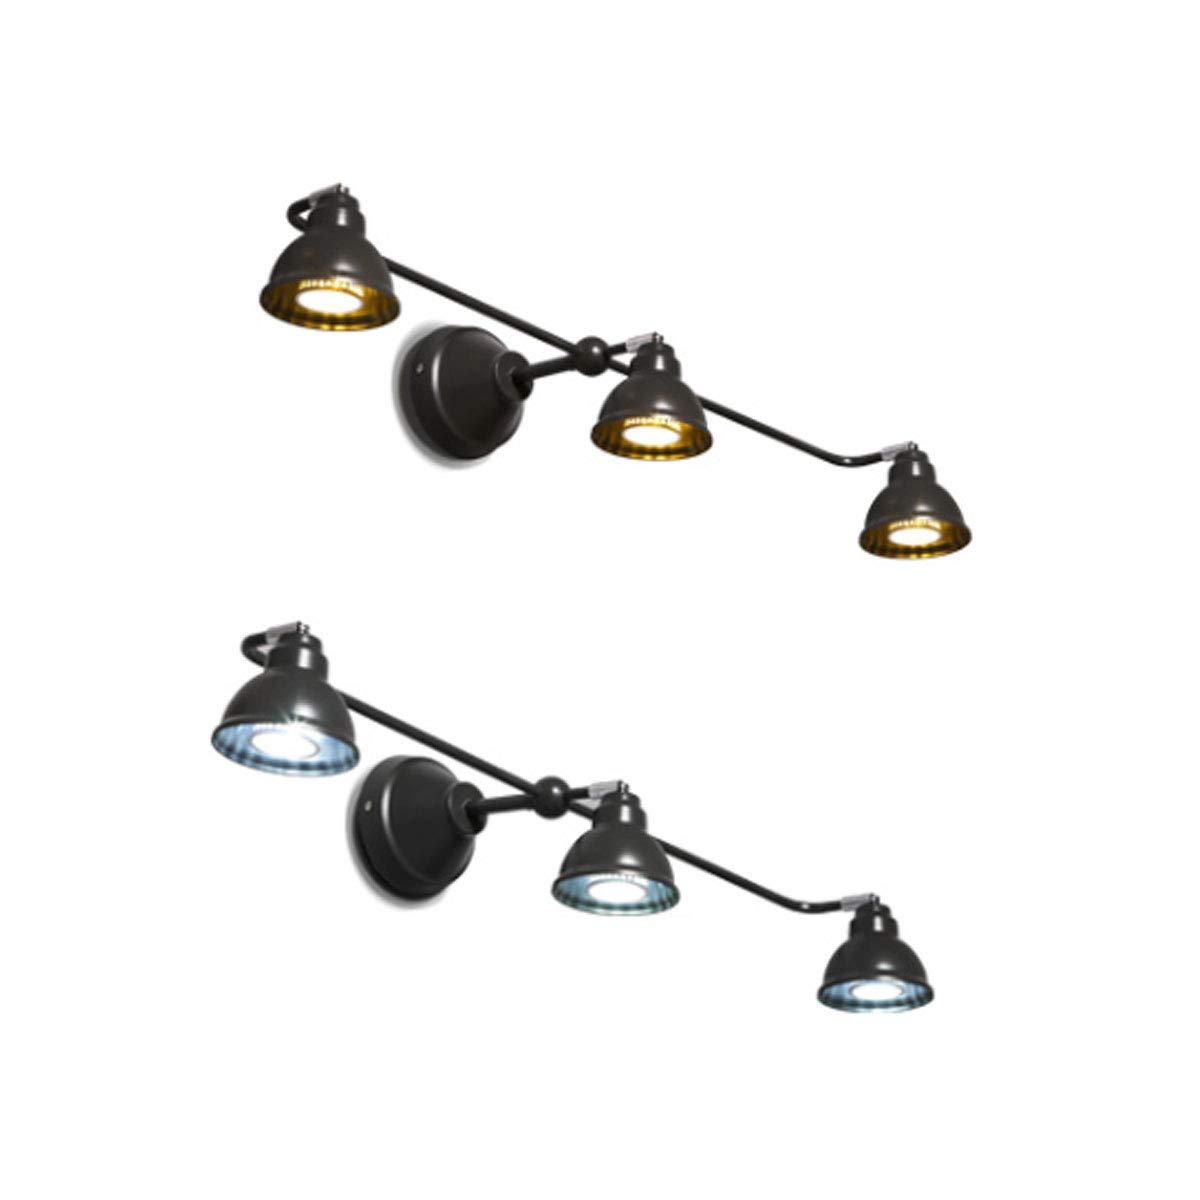 ウォールランプ、ミラーフロントバスルームウォールランプ、ノルディックLEDウォールランプ(30.4 * 14 * 8インチ) (Color : White light)  White light B07R4X5G98